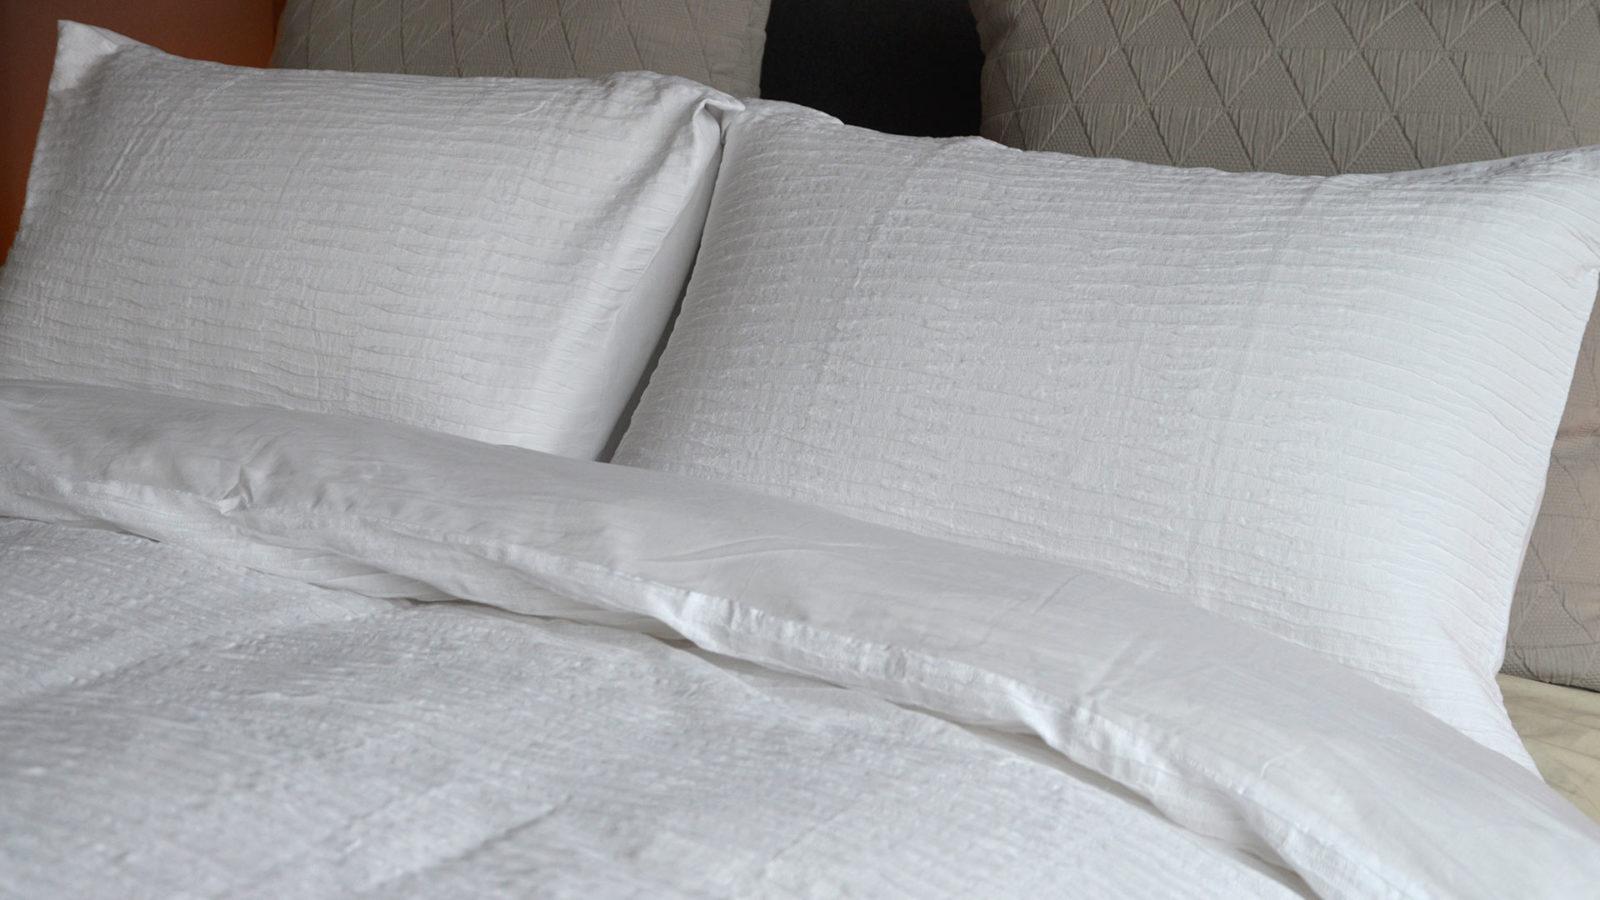 textured-bedding-white-ripple-duvet-set